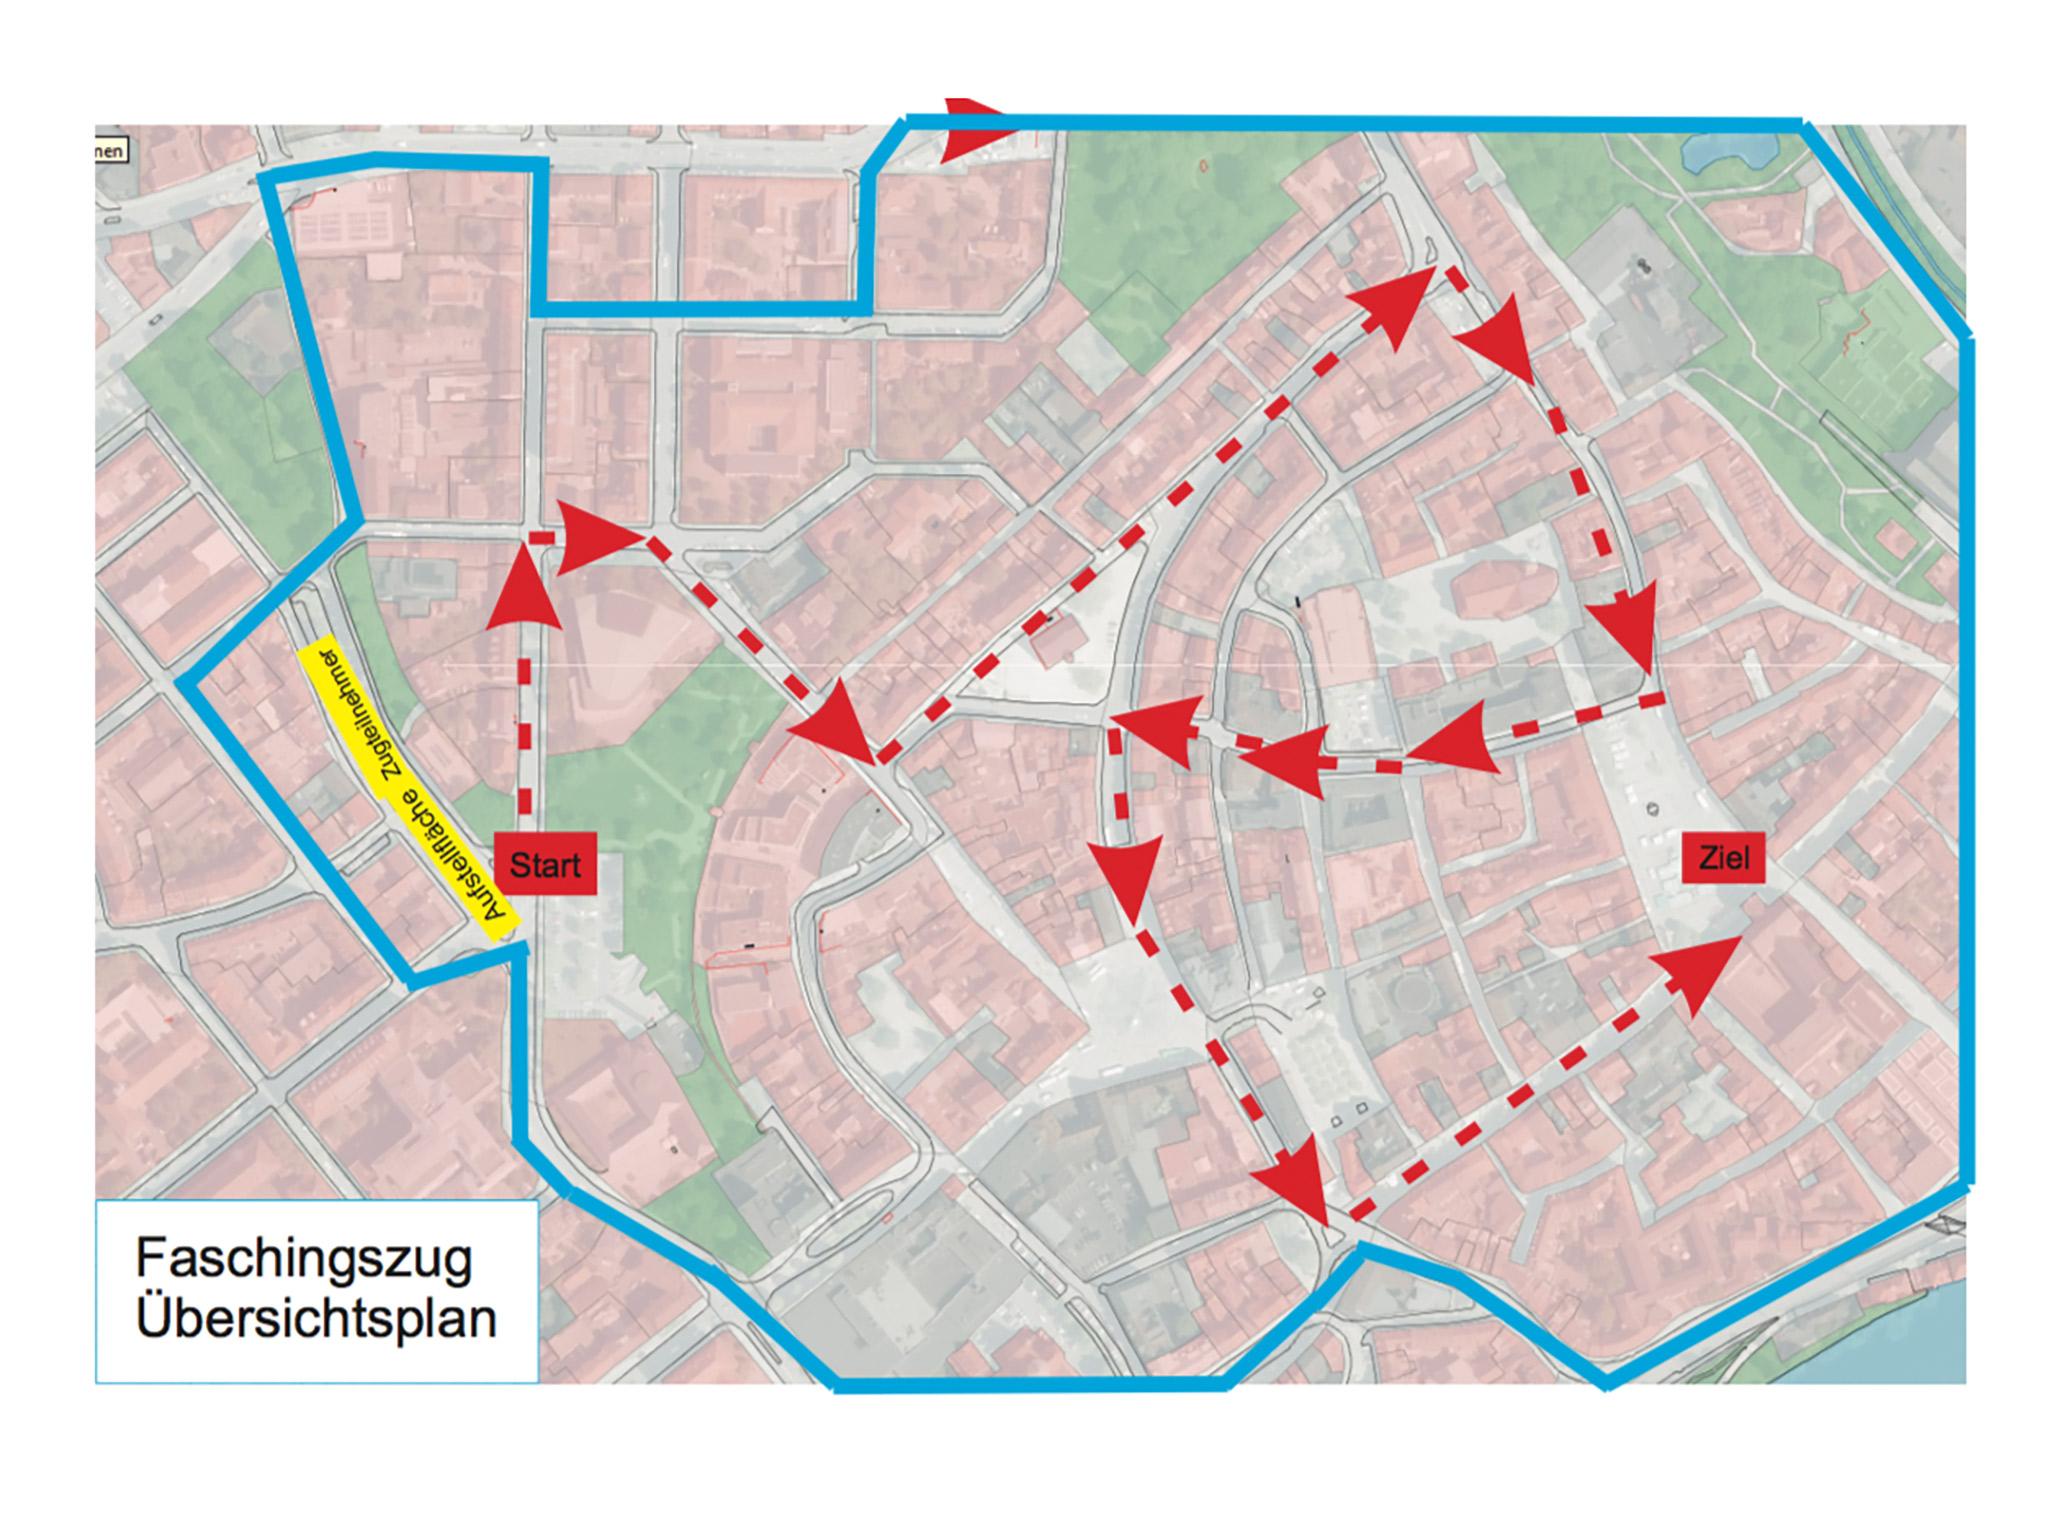 Grenzen des Sperrbereiches und Zugstrecke. Grafik: Stadt Schweinfurt